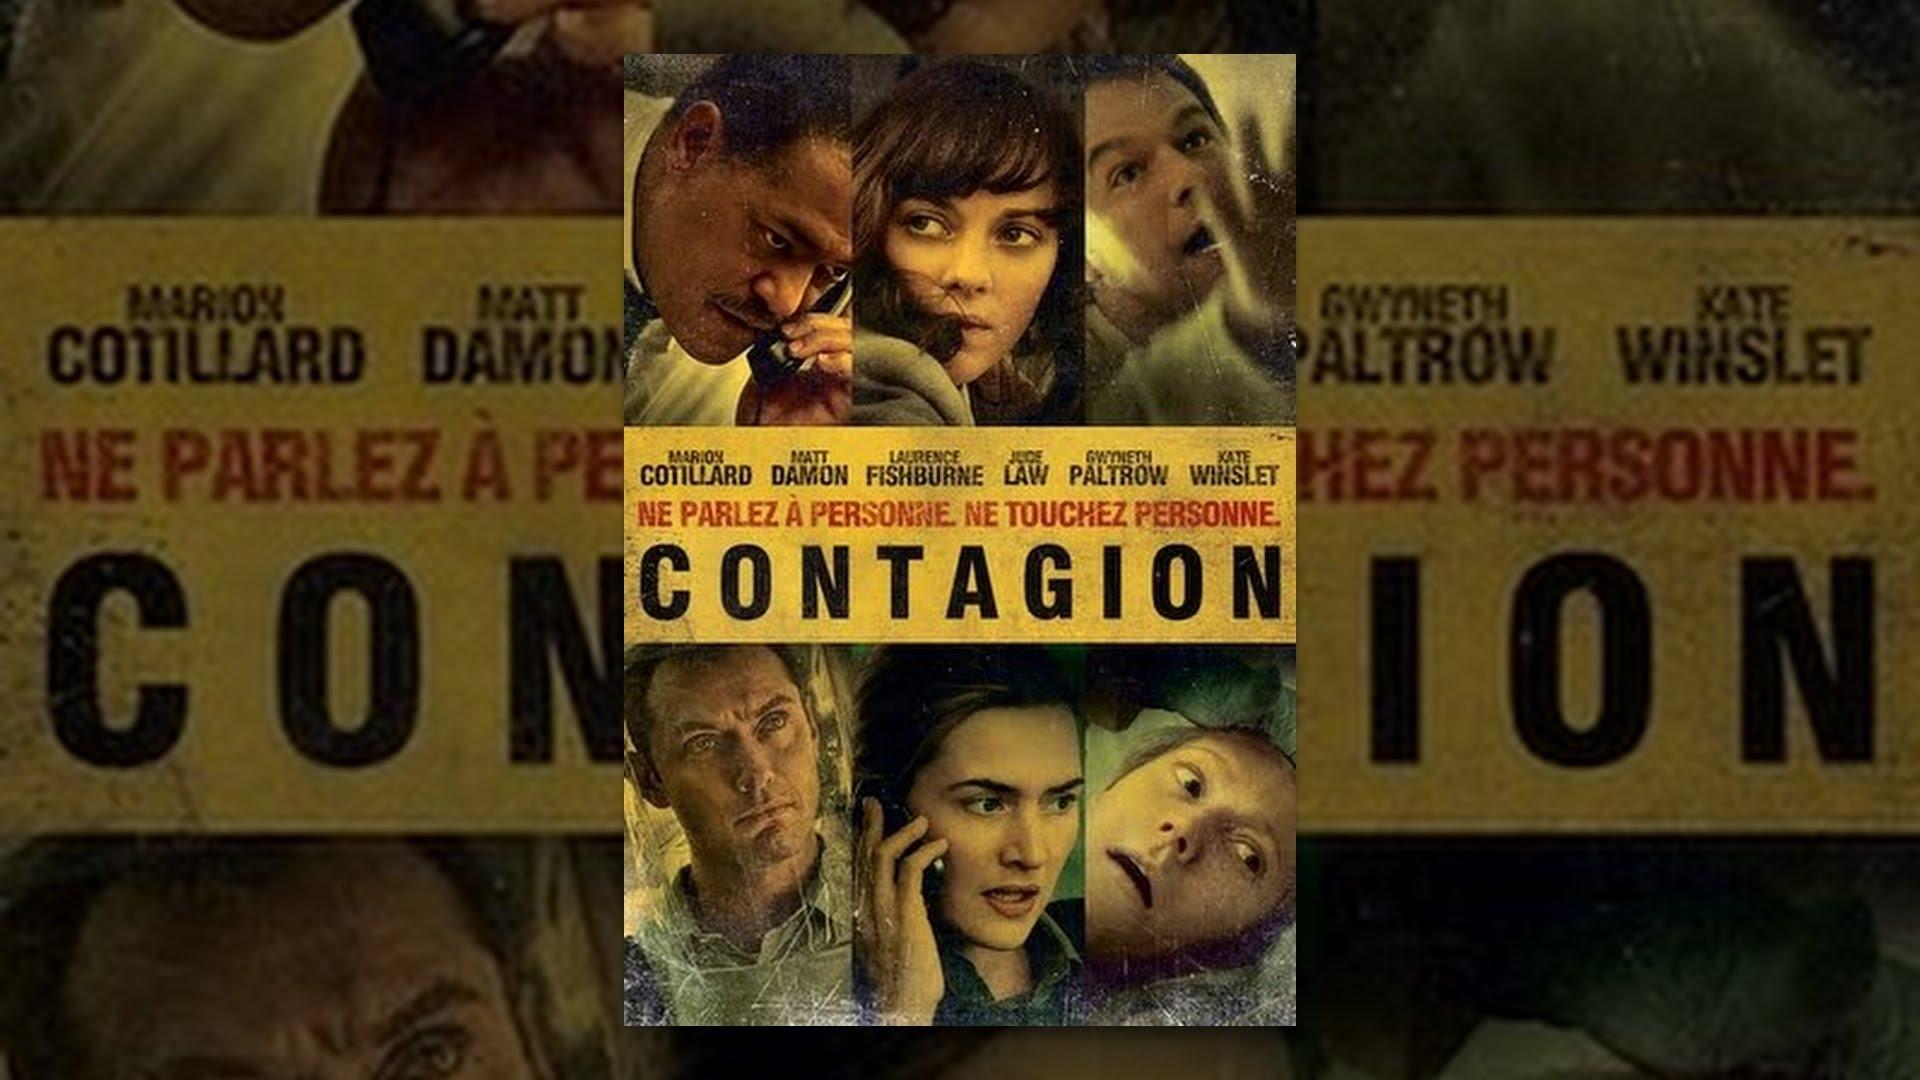 Contagion (VF) - YouTu...